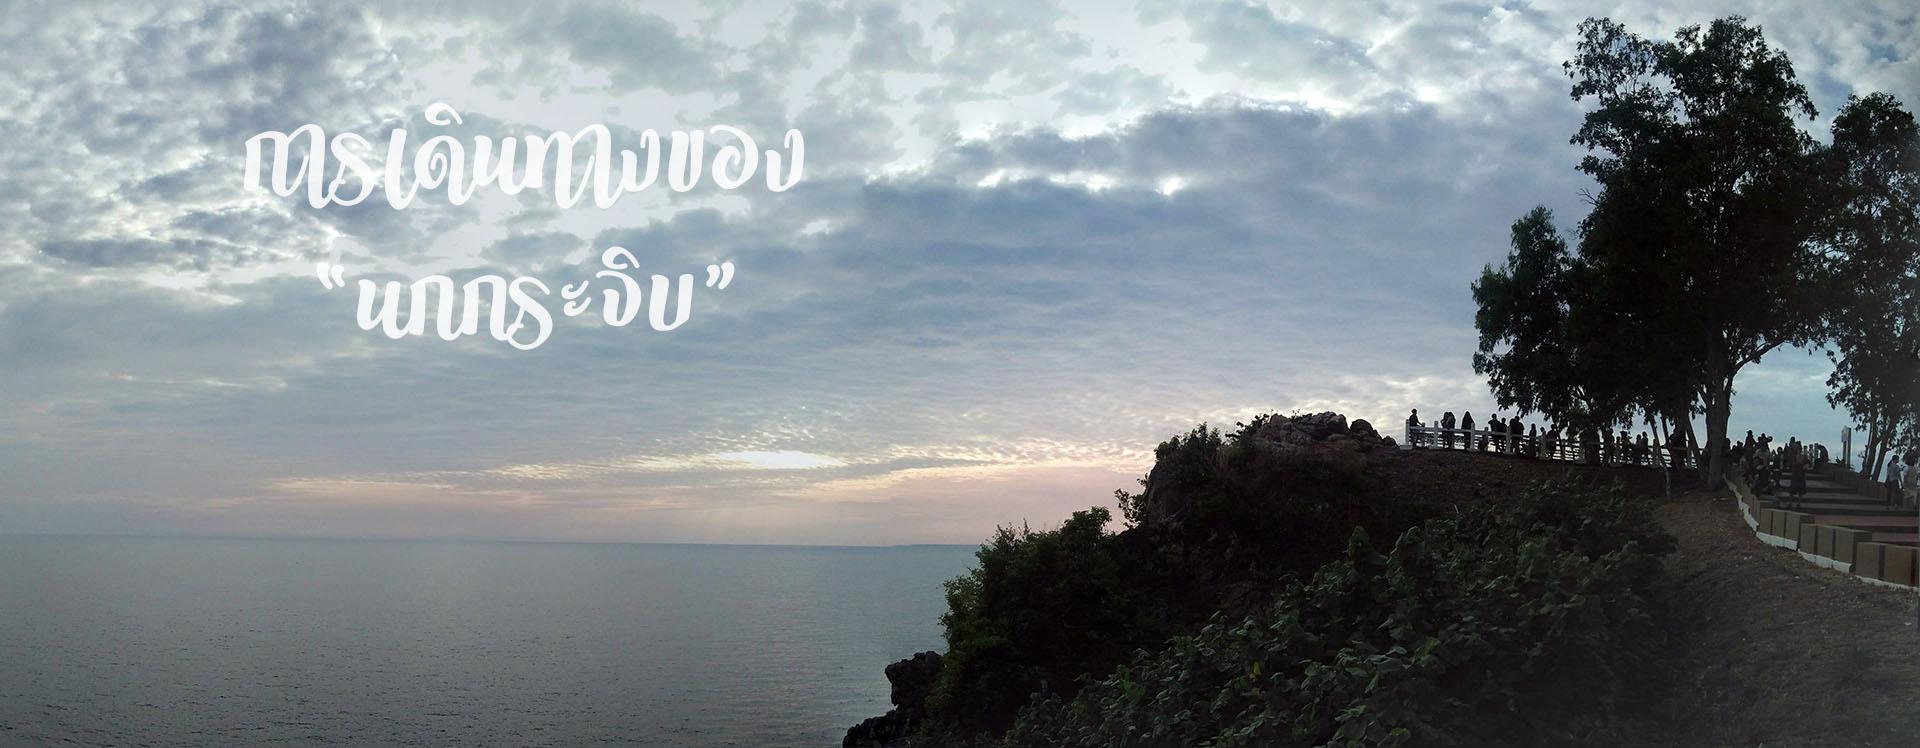 เที่ยวจันทบุรี ประเทศไทย